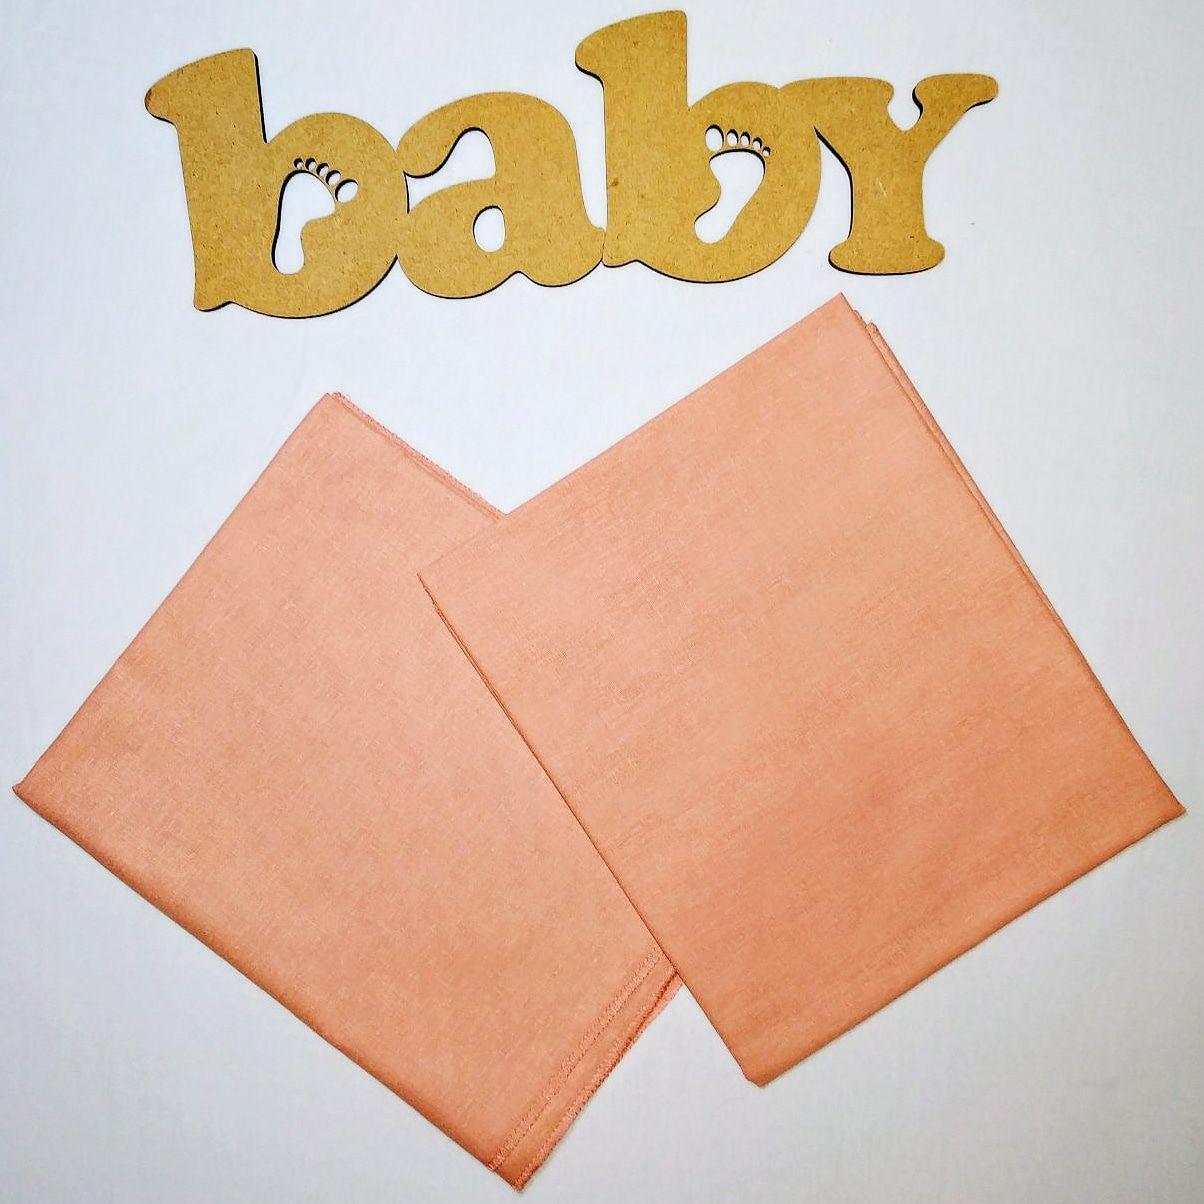 Хлопковая пеленка для новорожденных 90*110см    Бавовняна пелюшка для новонароджених 90*110см